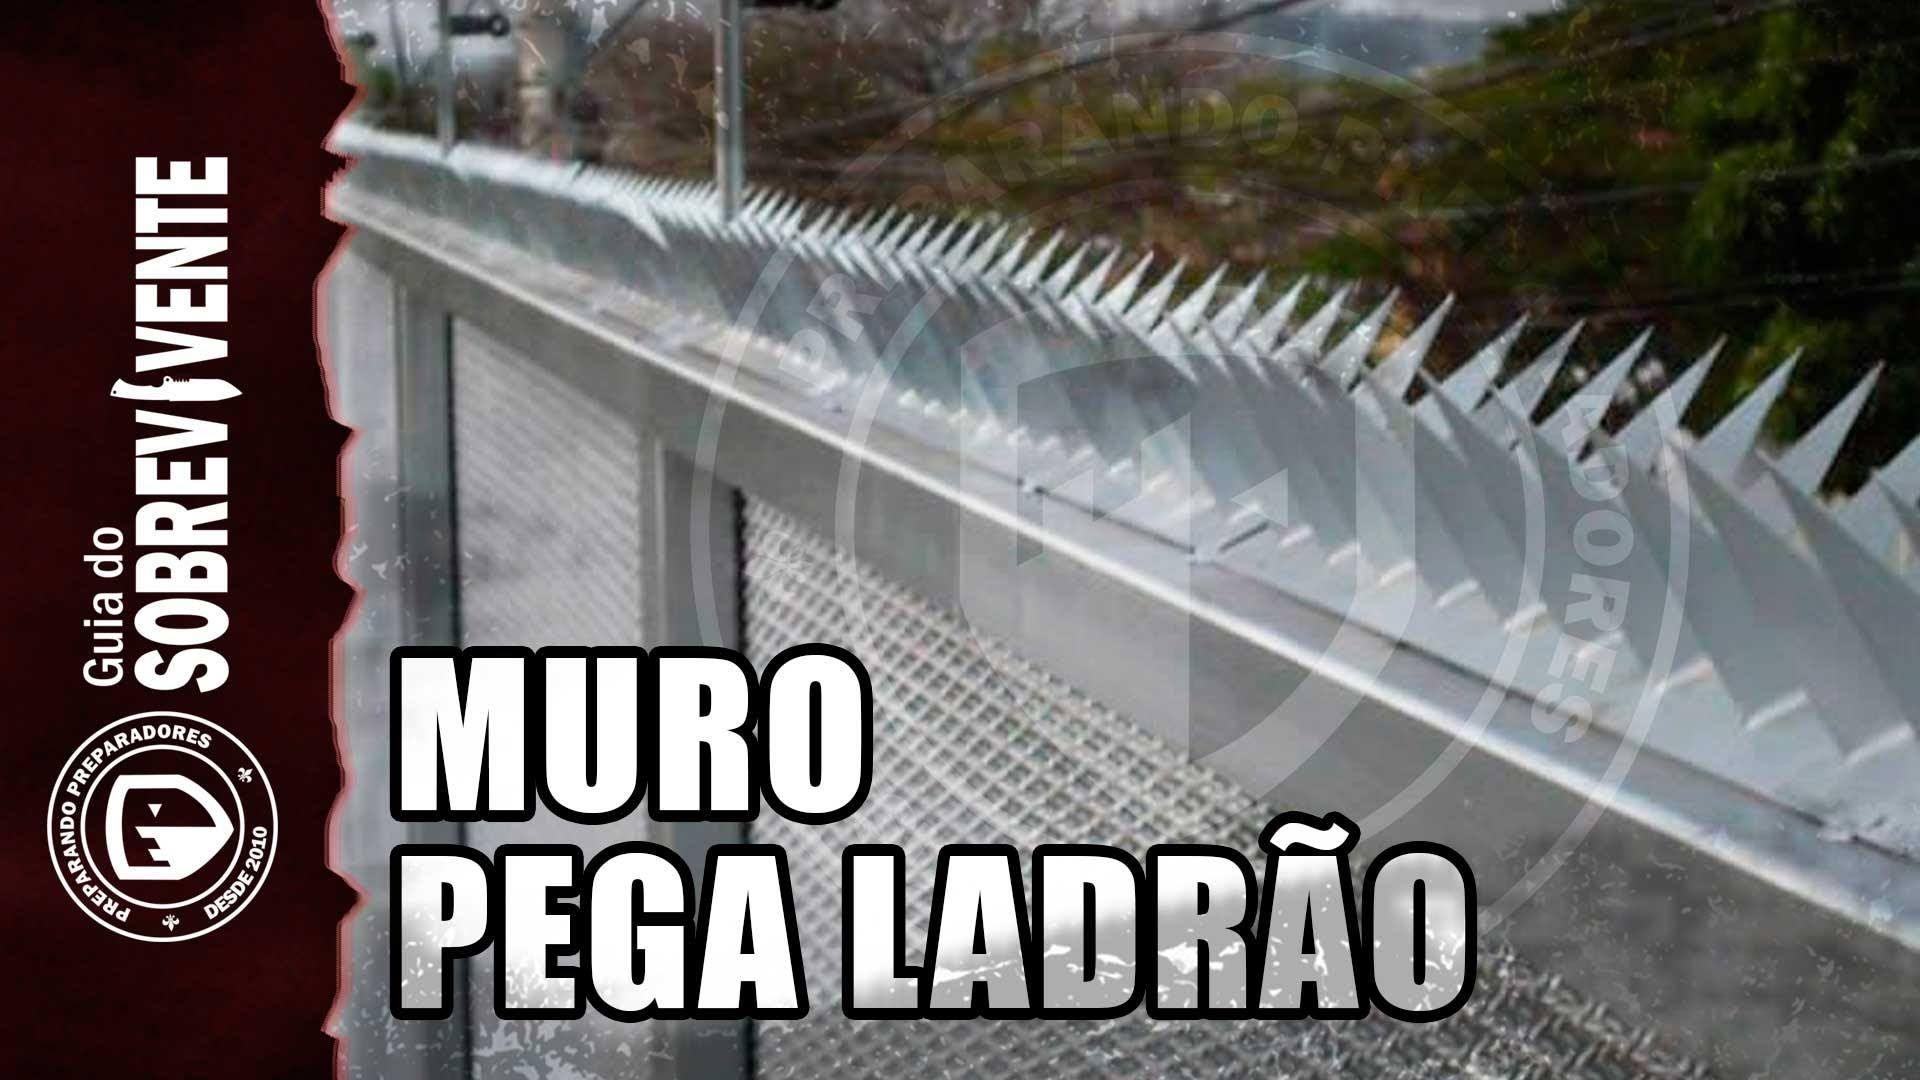 Protegendo muros contra invasões - Armadilha Mandíbula feita em casa